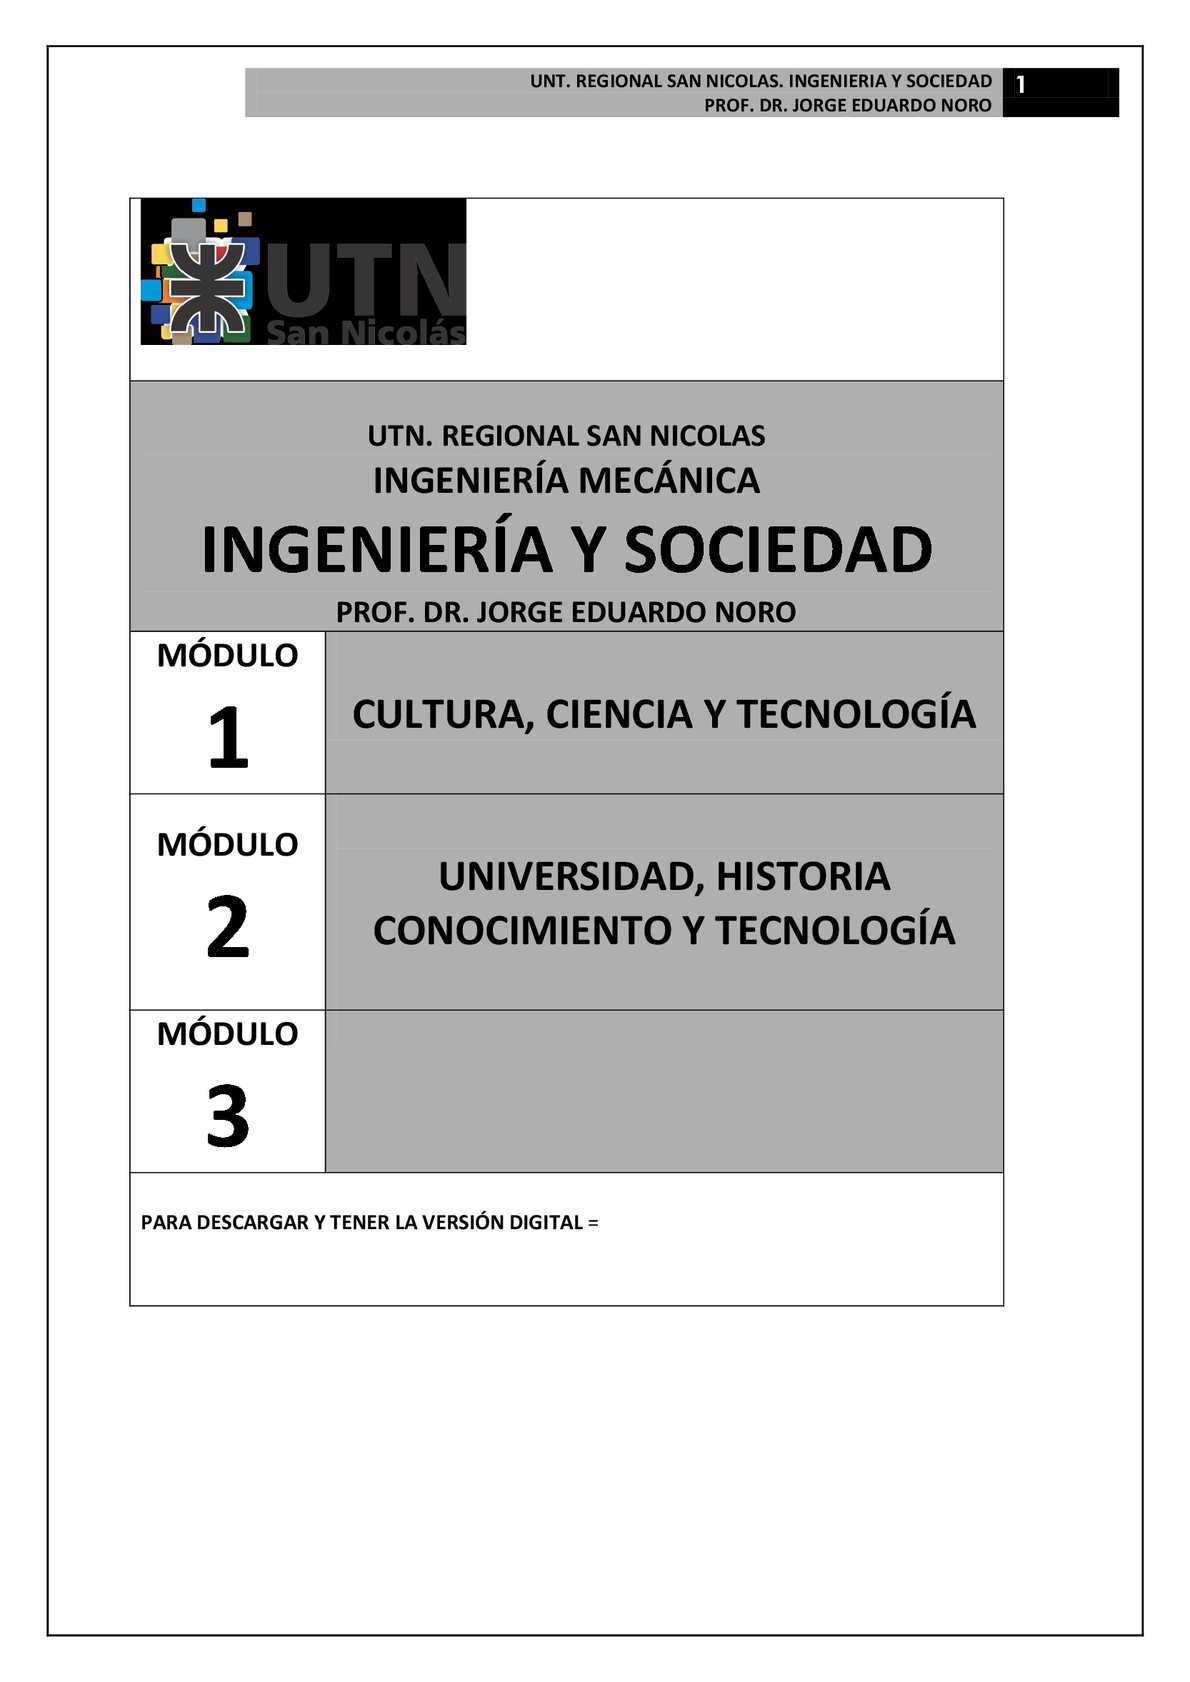 Calaméo - 163. INGENIERIA Y SOCIEDAD: MATERIAL DE CATEDRA